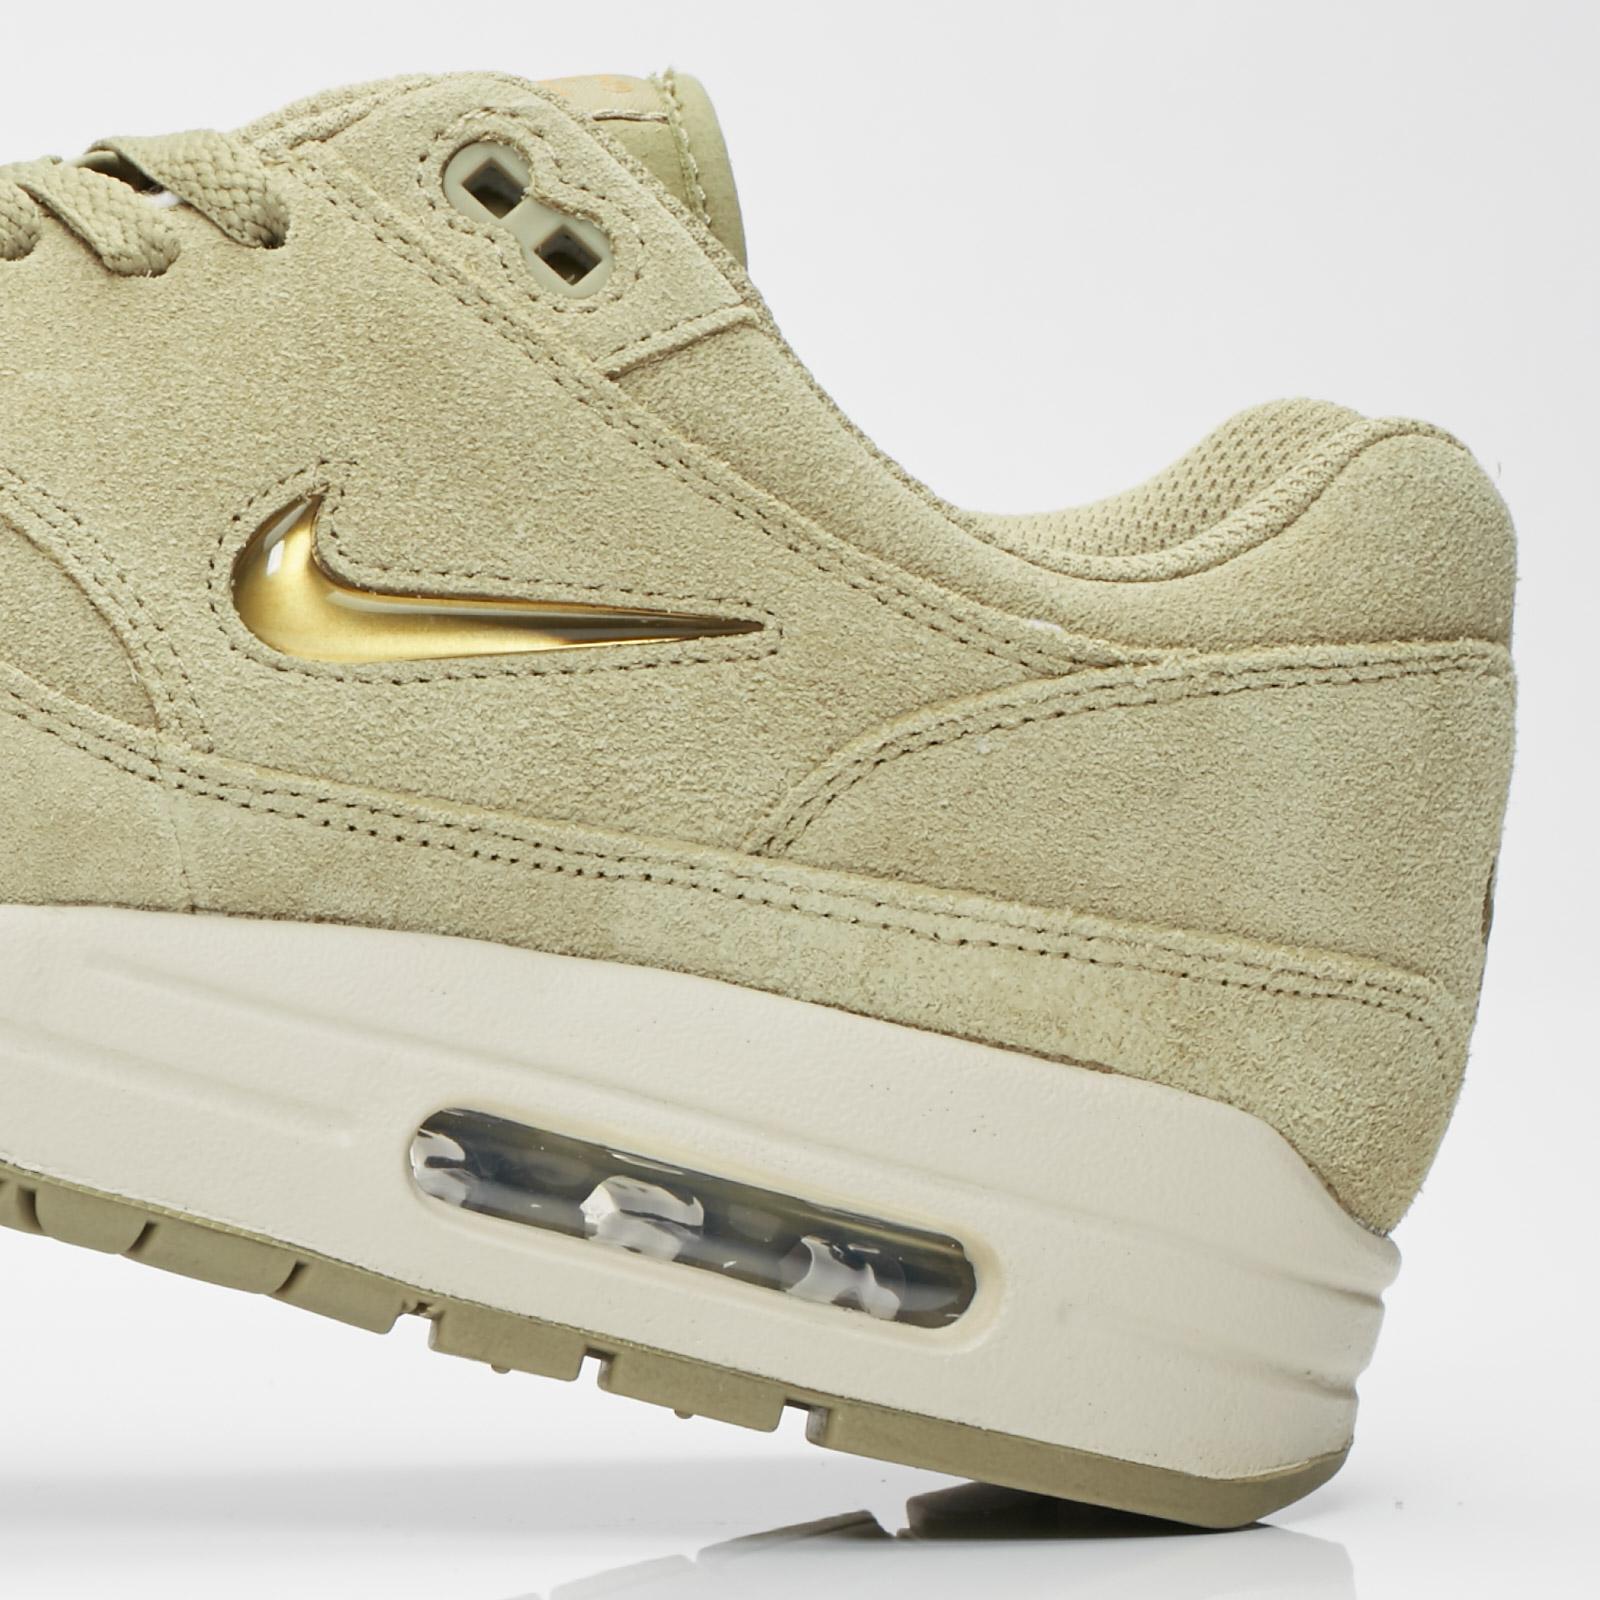 394f3f6a8c Nike Air Max 1 Premium SC - 918354-201 - Sneakersnstuff   sneakers ...